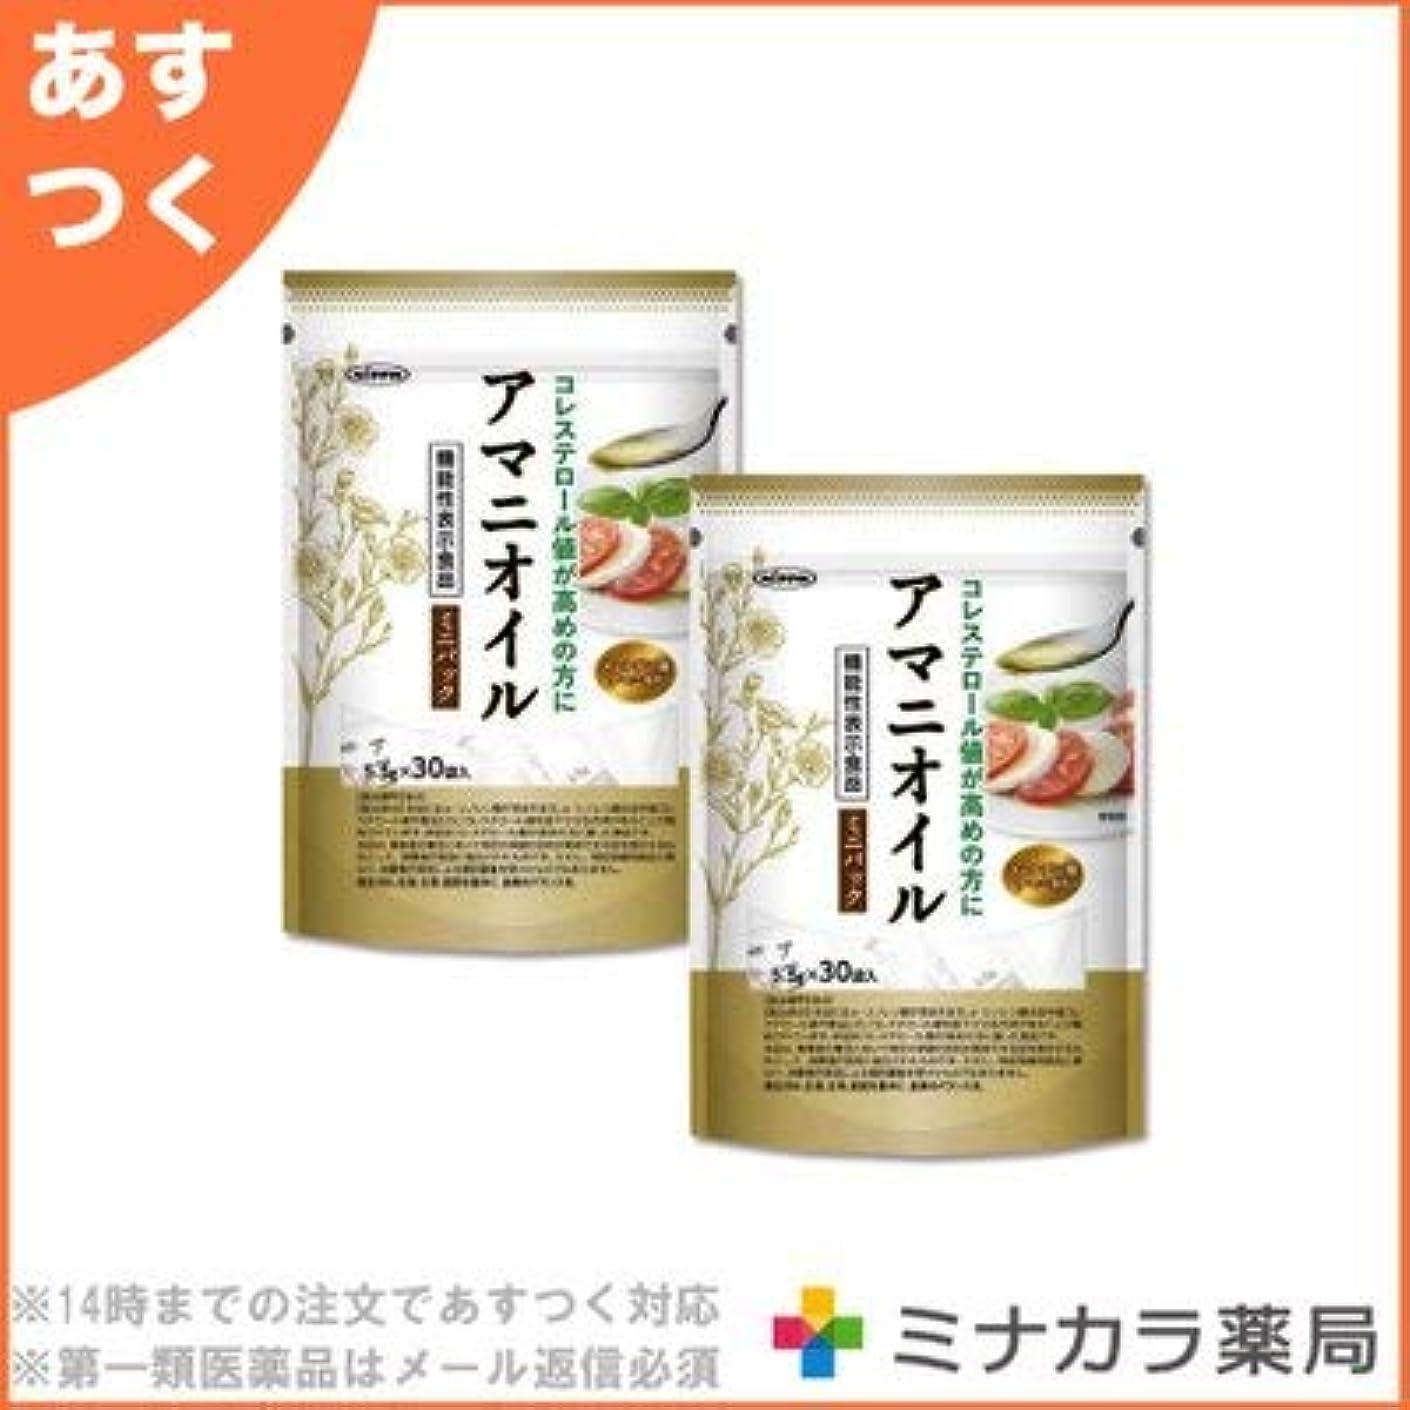 オークランドアストロラーベ証拠日本製粉 アマニオイル ミニパック 5.5g×30 (機能性表示食品)×2個セット